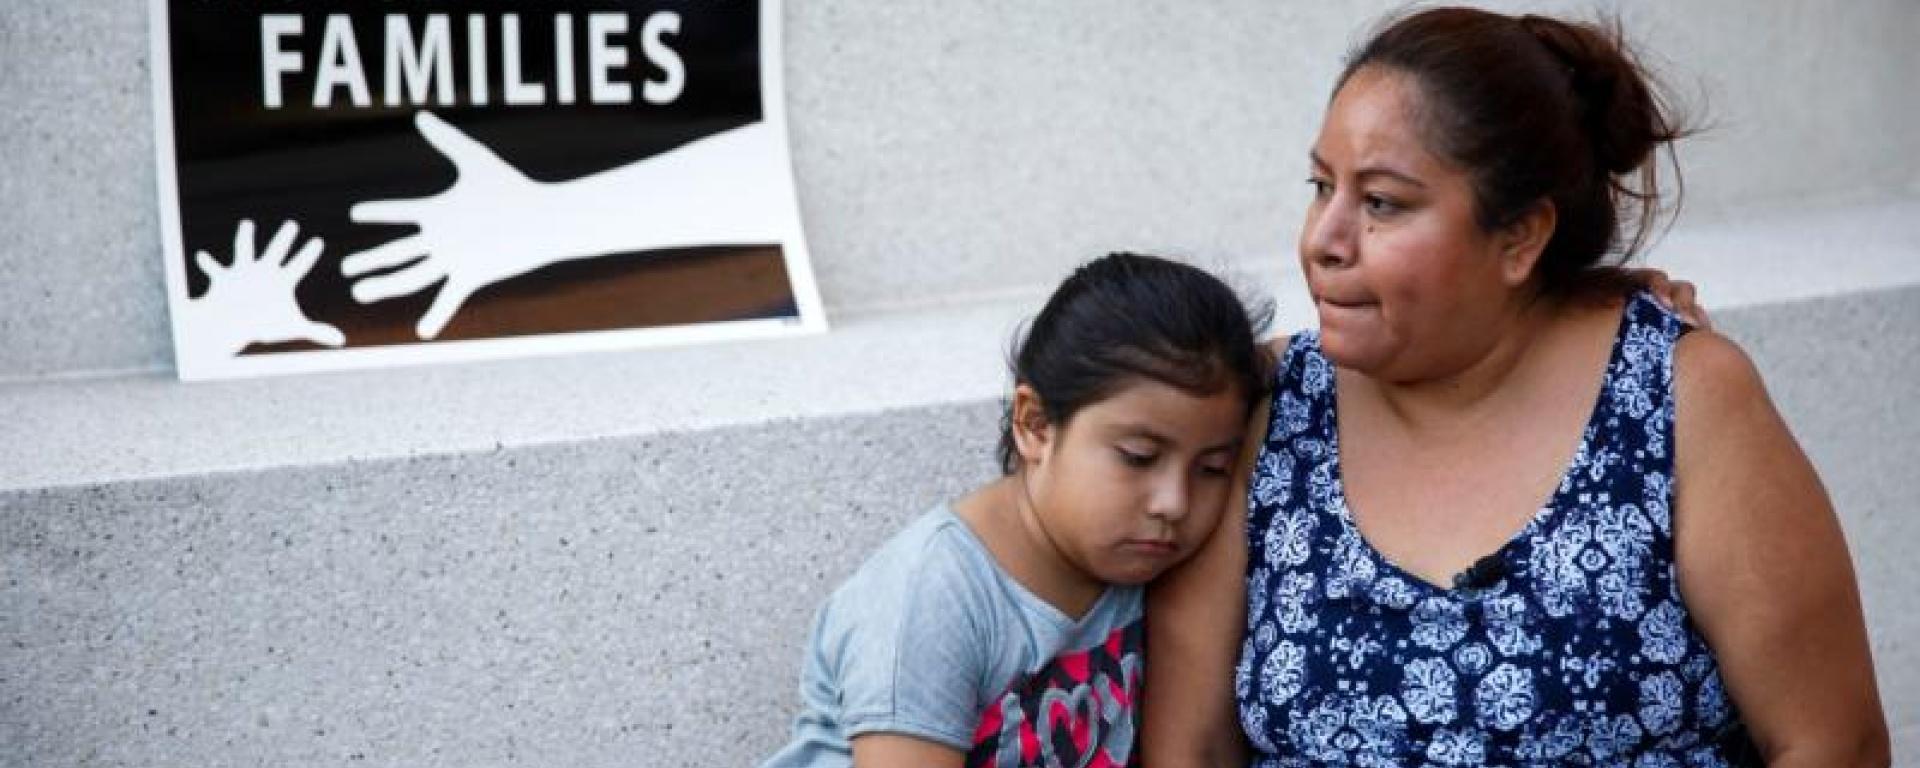 CNS photo/Eugene Garcia, EPA